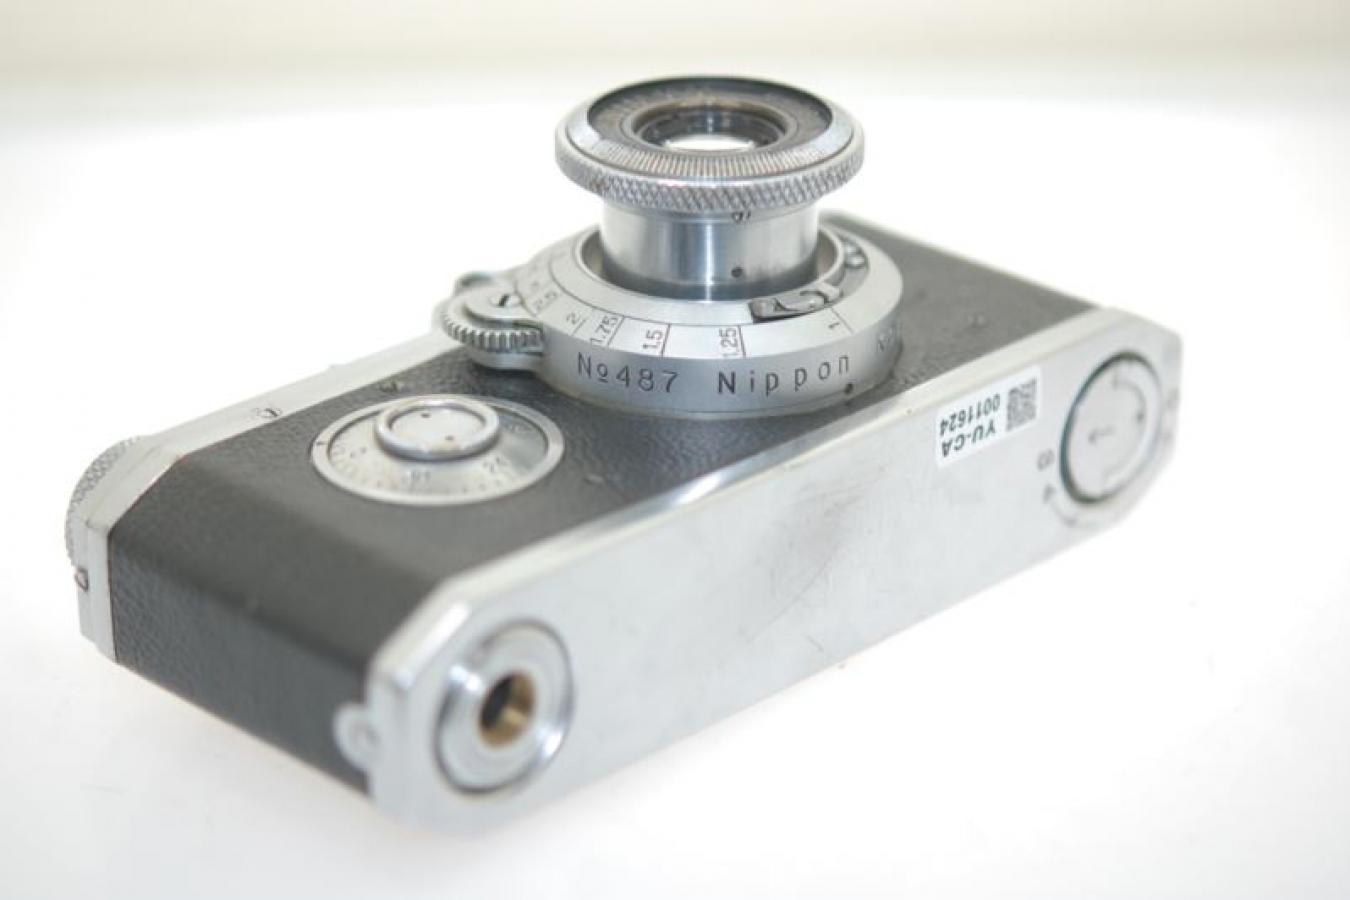 精機光学 HANZA Canon Nikkor 50mm F3.5付 【レンズは黒帯最初期 ボディシリアル?3ケタ】